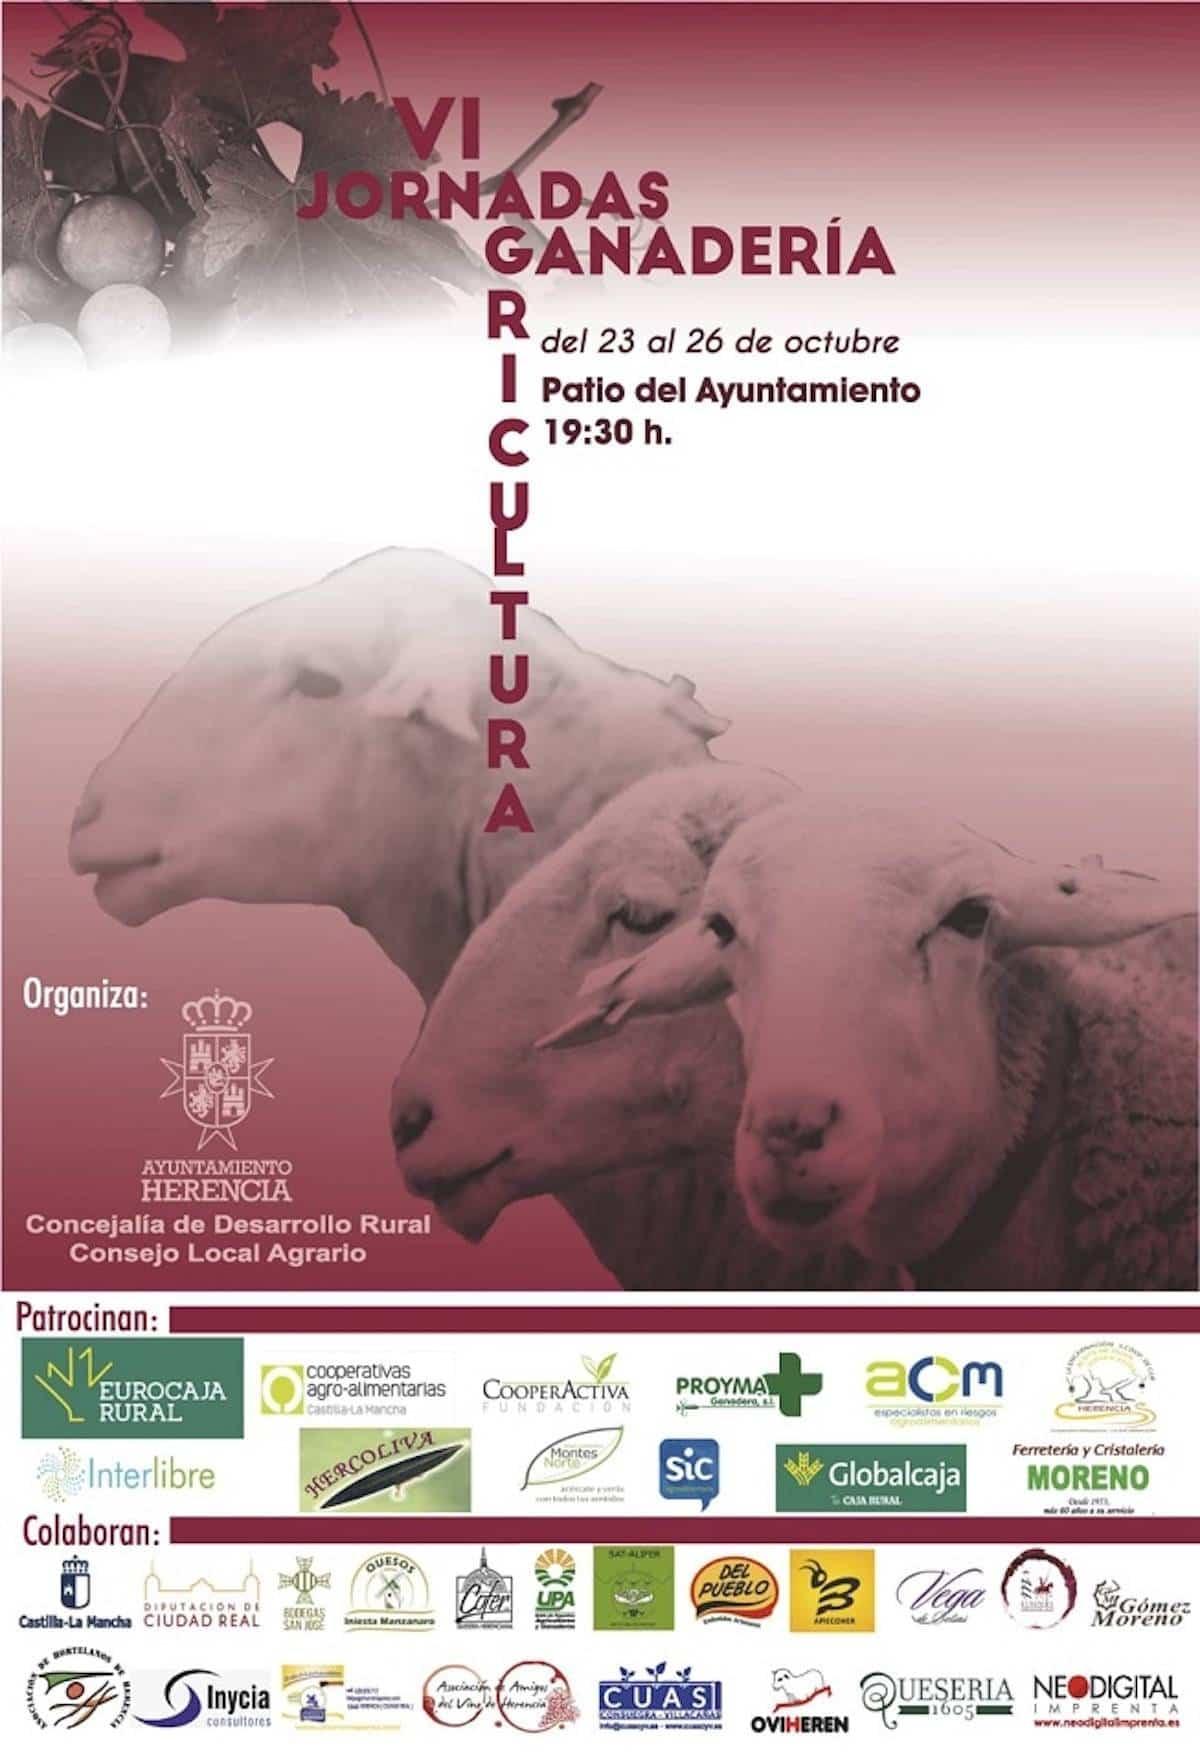 VI Jornadas ganaderia agricultura herencia - Las últimas innovaciones del sector presentes en las VI Jornadas de Agricultura y Ganadería